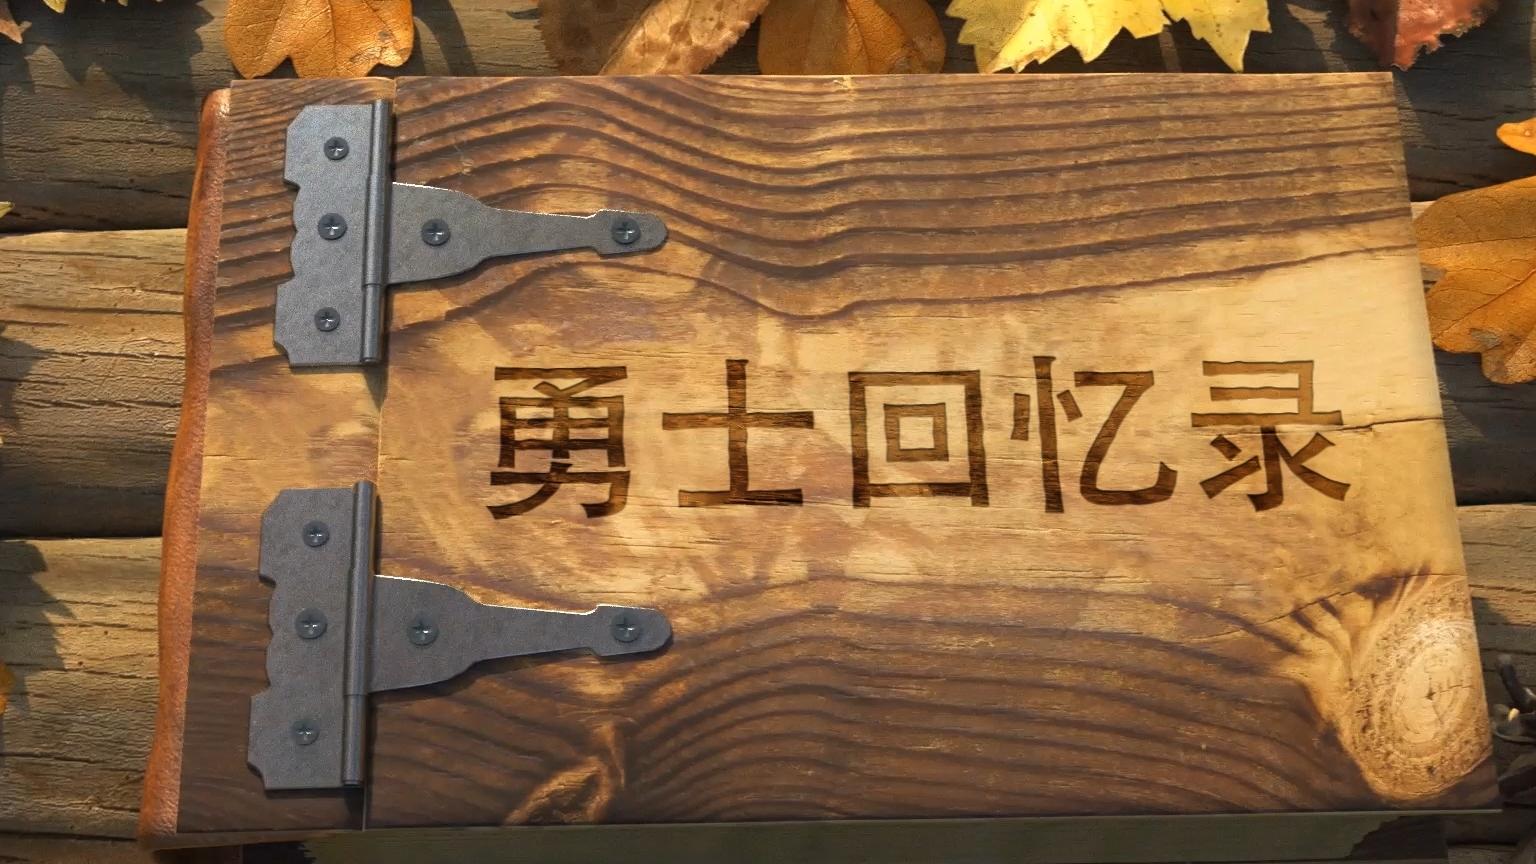 【勇士回忆录】03 告别和另一段冒险